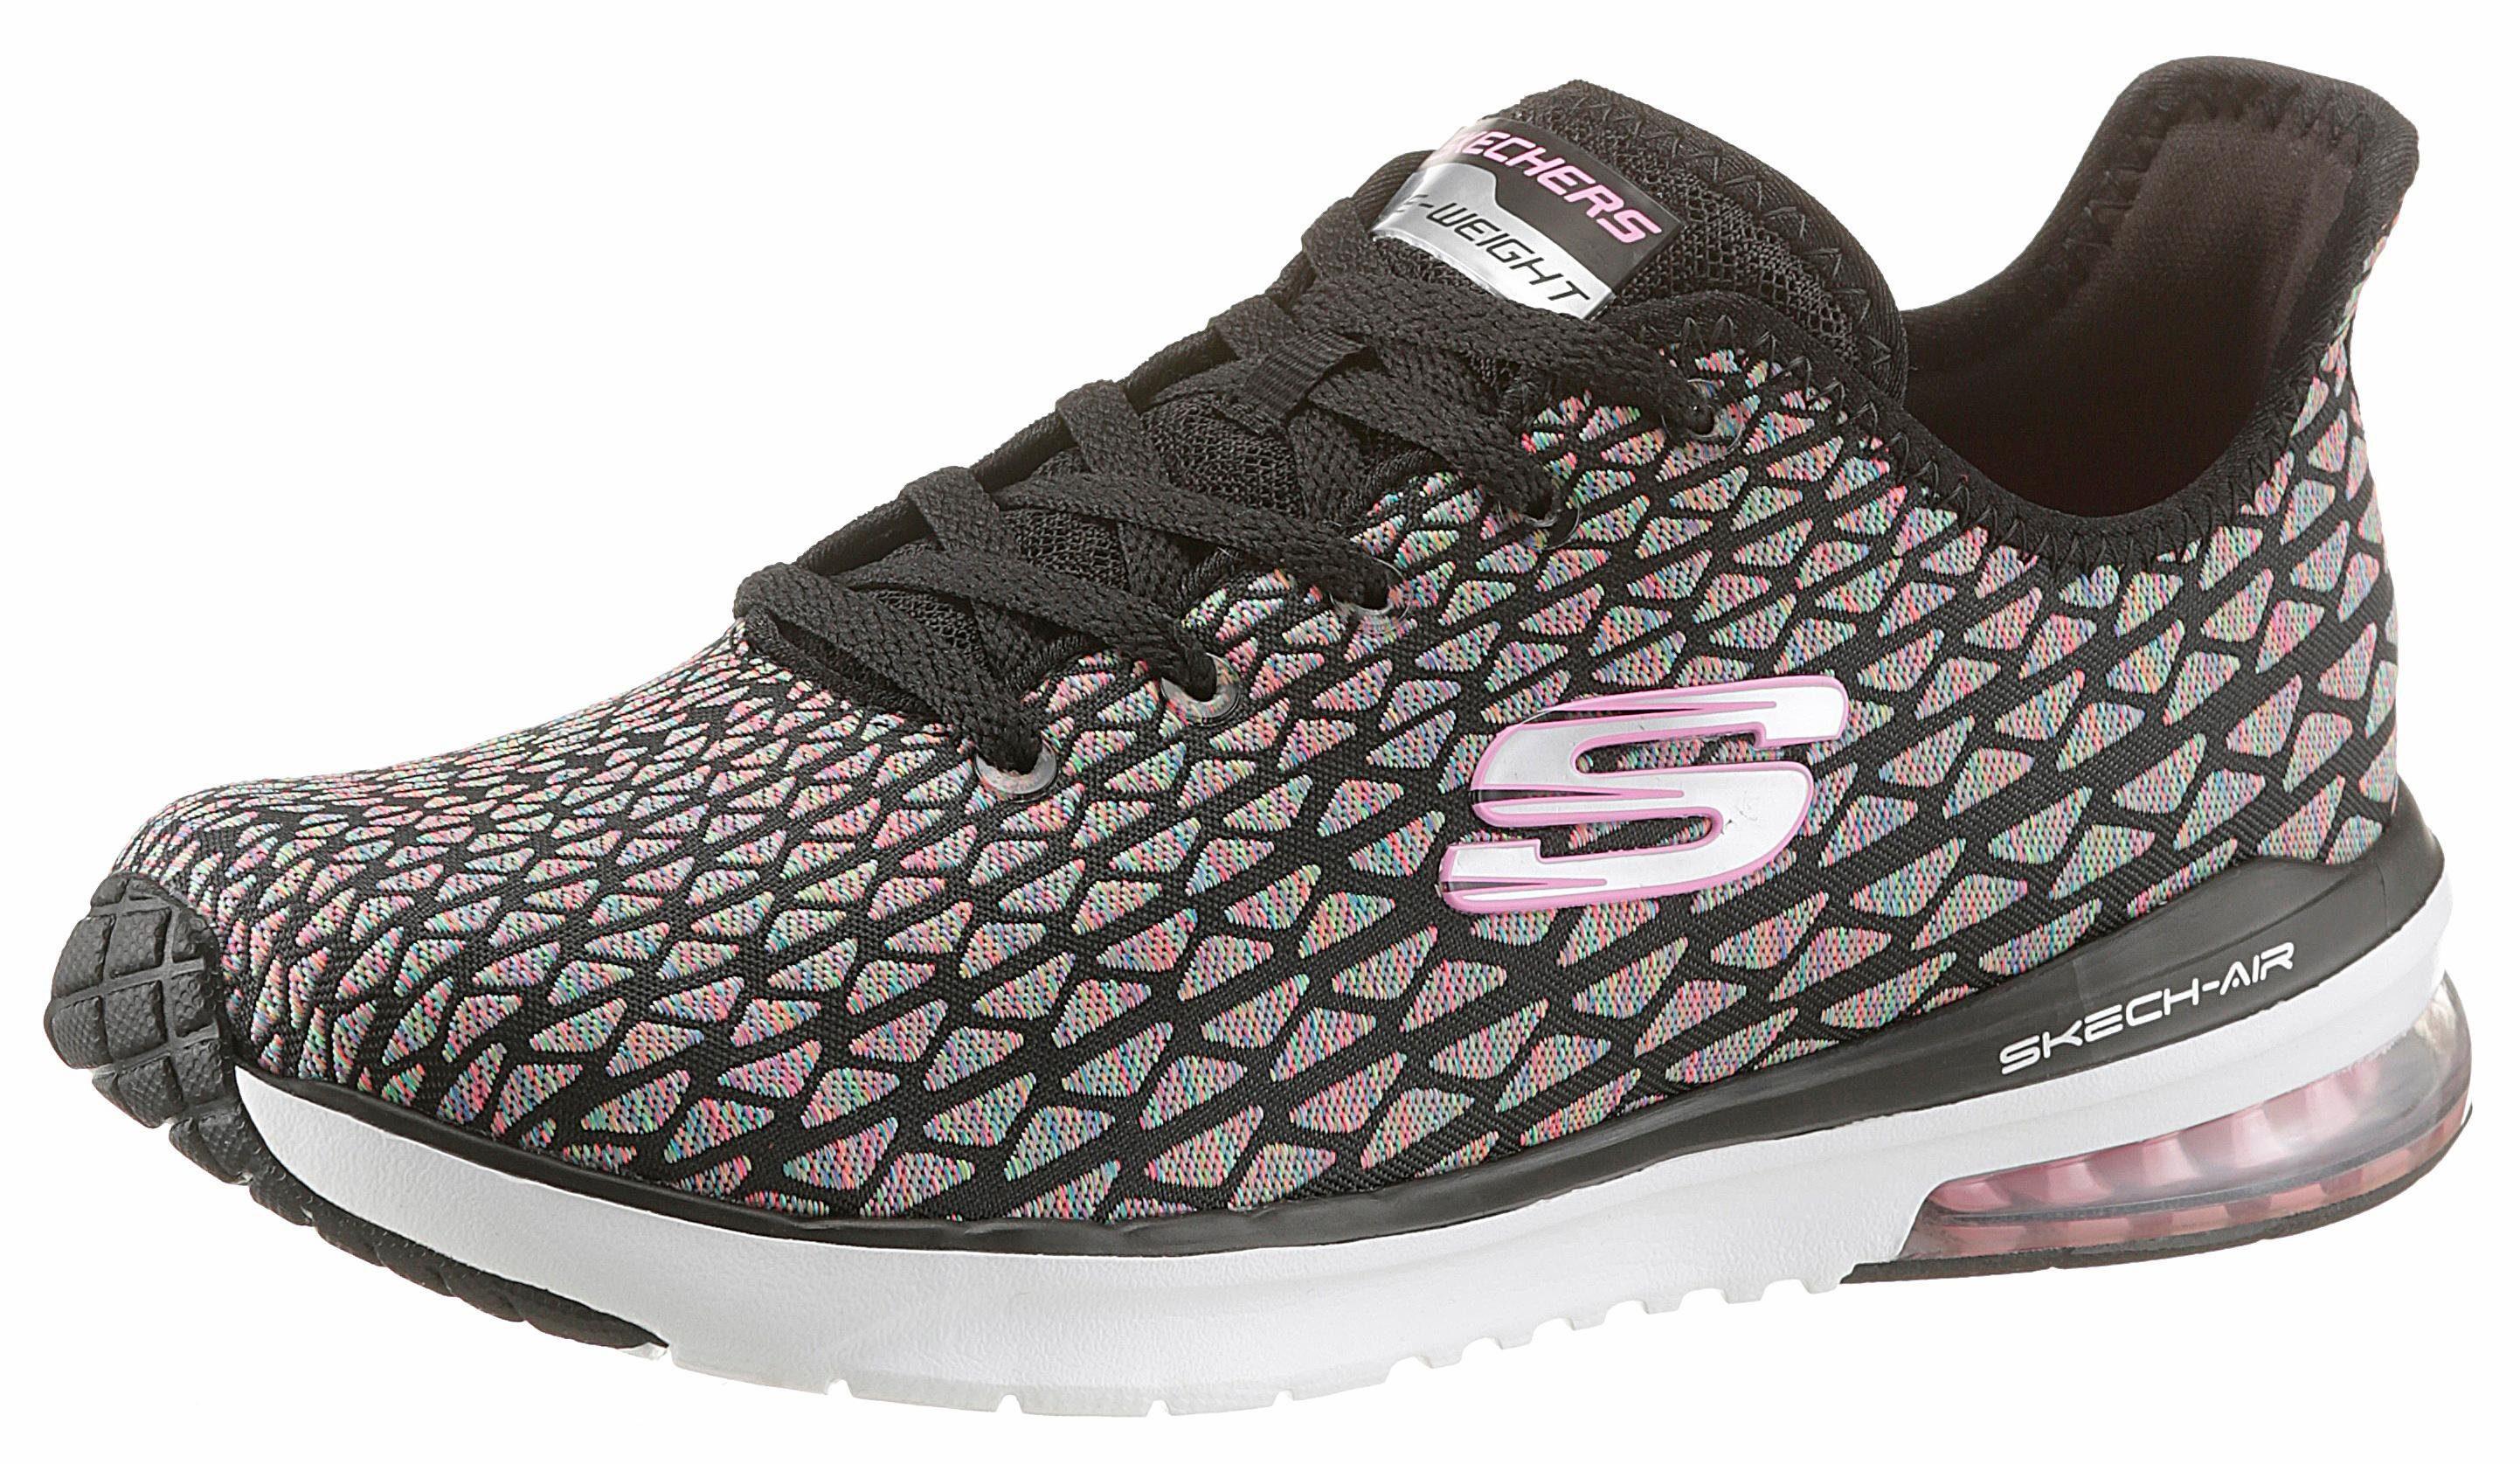 Skechers »D'Lites-Glitz Galz« Sneaker, mit Memory Foam-Dämpfung, schwarz, multi